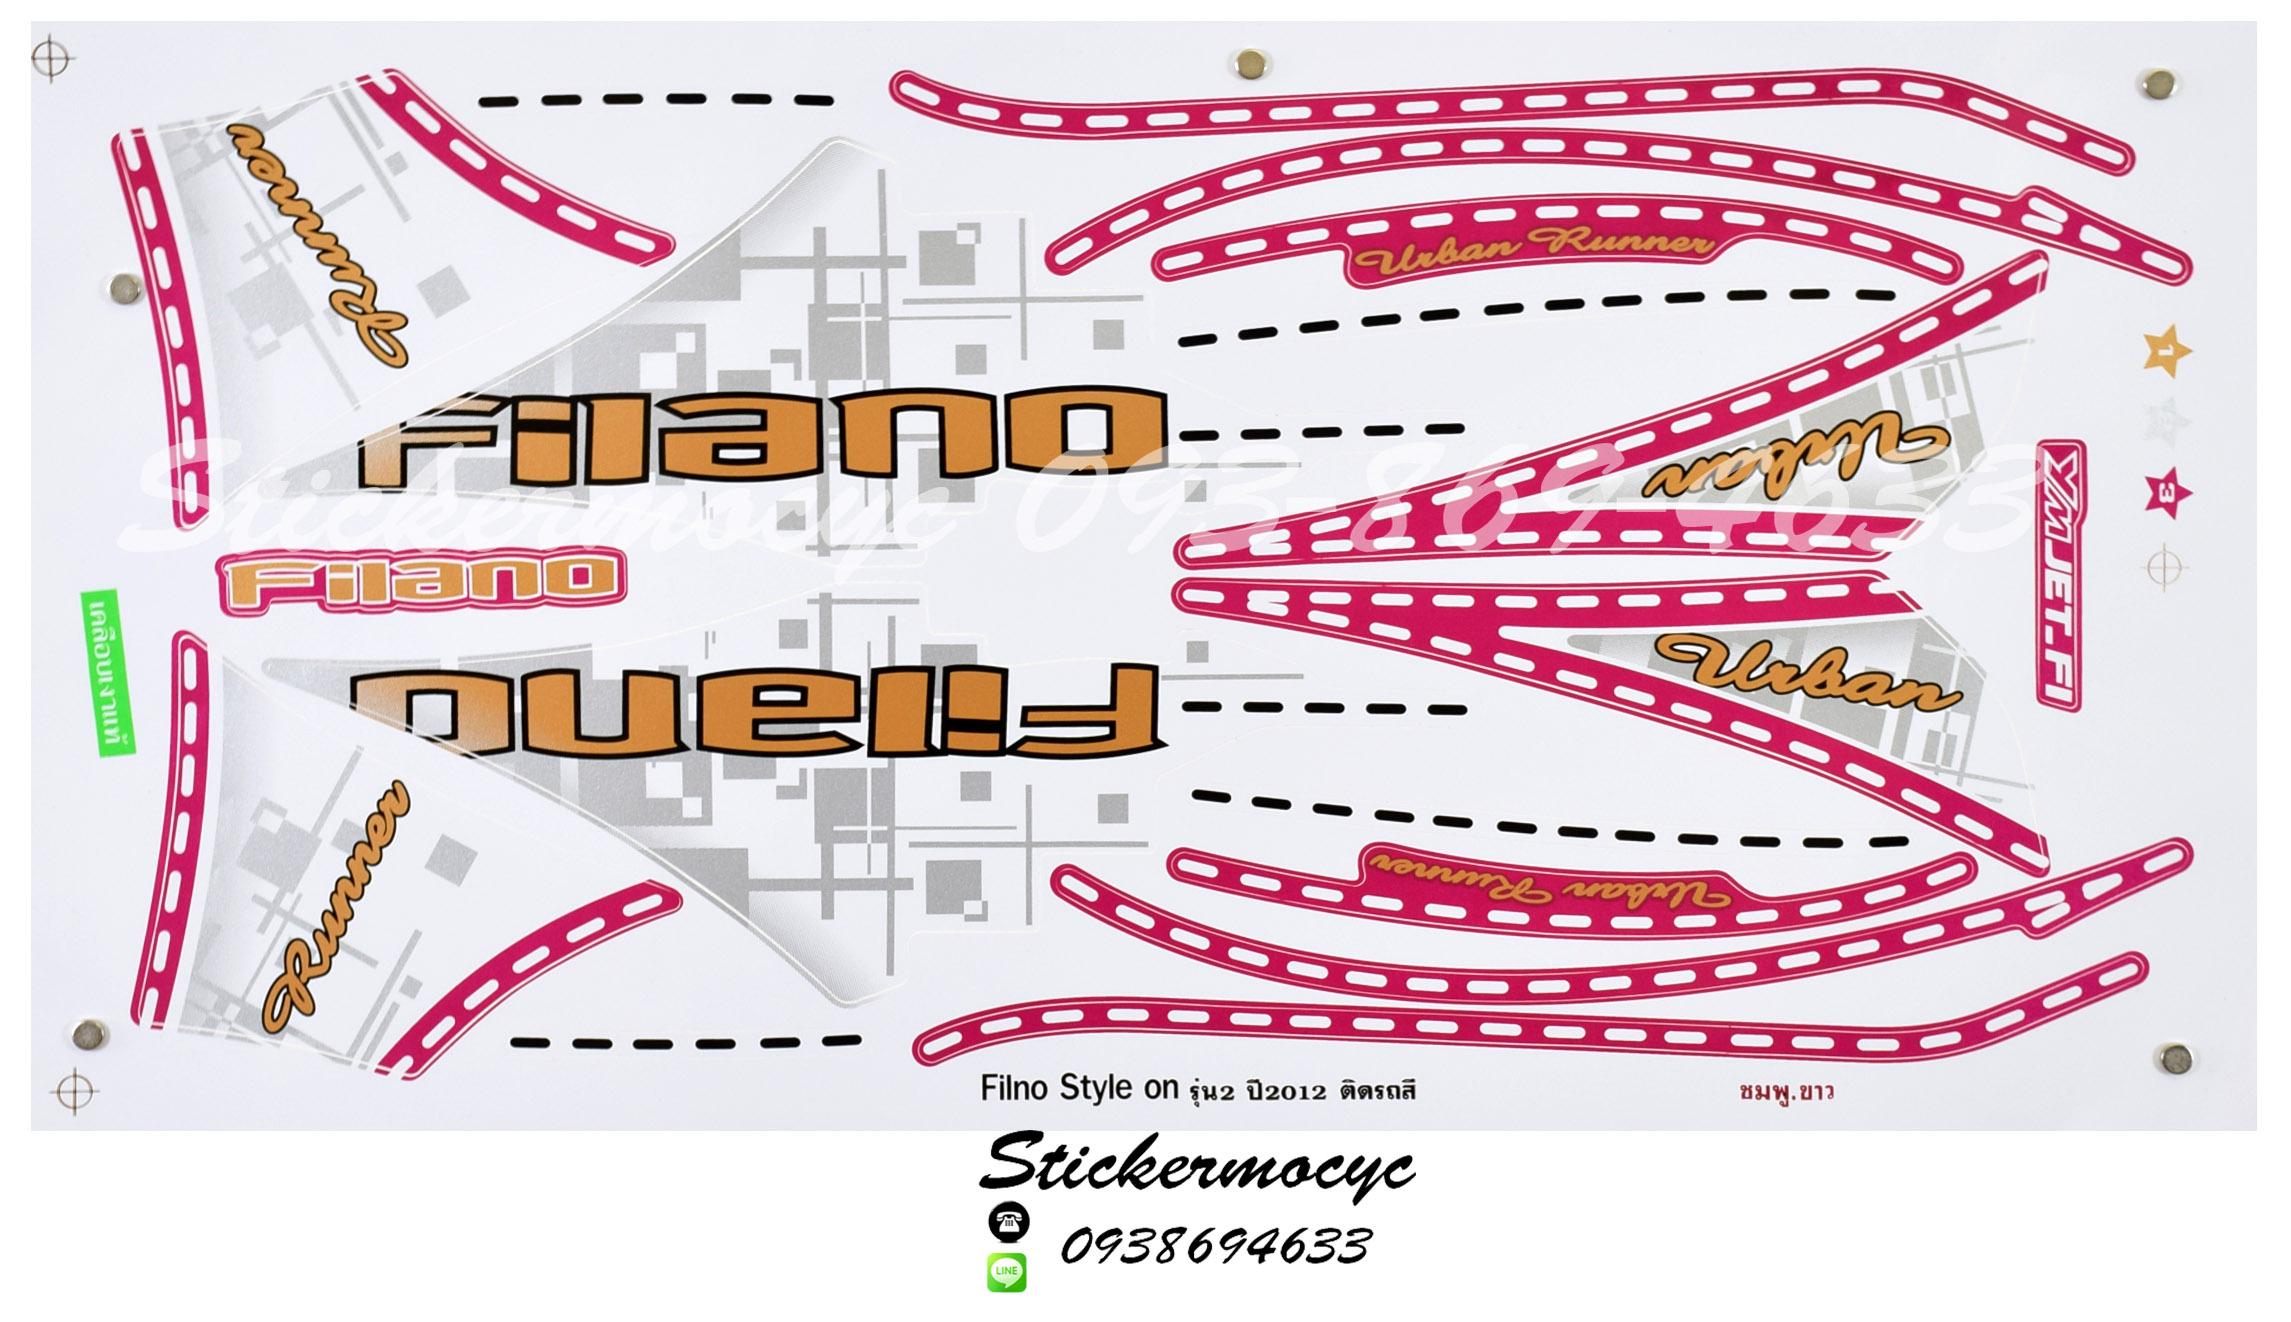 สติ๊กเกอร์ YAMAHA FILANO ปี 2012 รุ่น 2 STYLE ON ติดรถสี ชมพู ขาว (เคลือบเงาแท้)